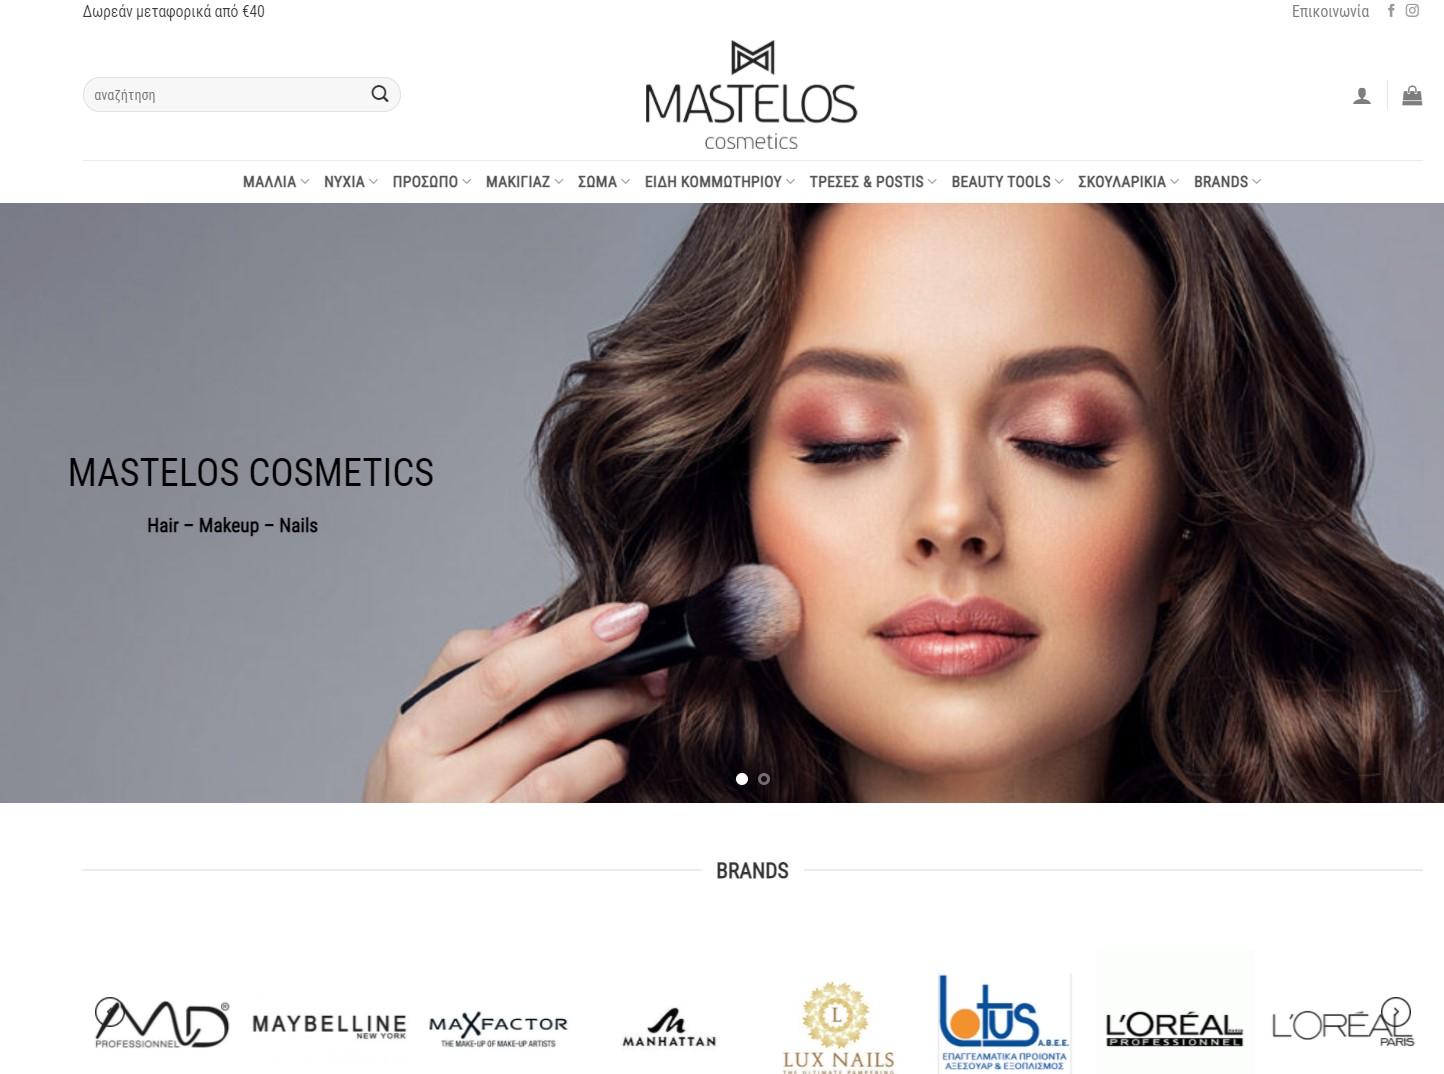 Δημιουργία ηλεκτρονικού καταστήματος | masteloscosmetics.gr